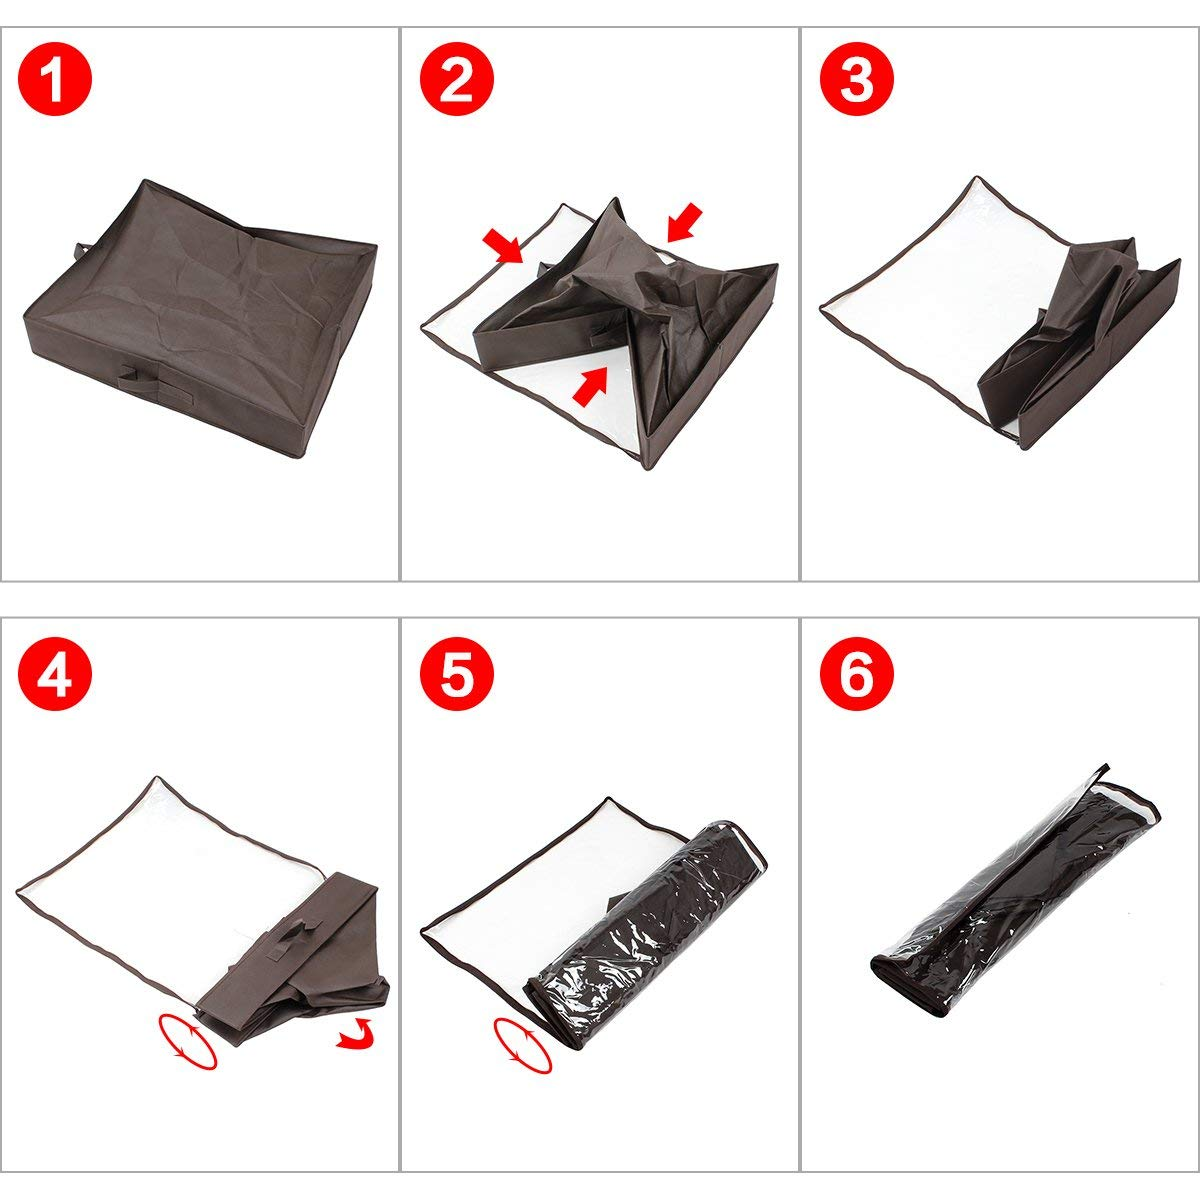 Color Marr/ón Armario Pesa 1.3kg con Cart/ón M/ás Grueso M/ás Solido-NO ENDEBLE! Zapatero Organizador de Zapatos Caja Plegable de Almacenaje de Zapatos para Debajo de la Cama